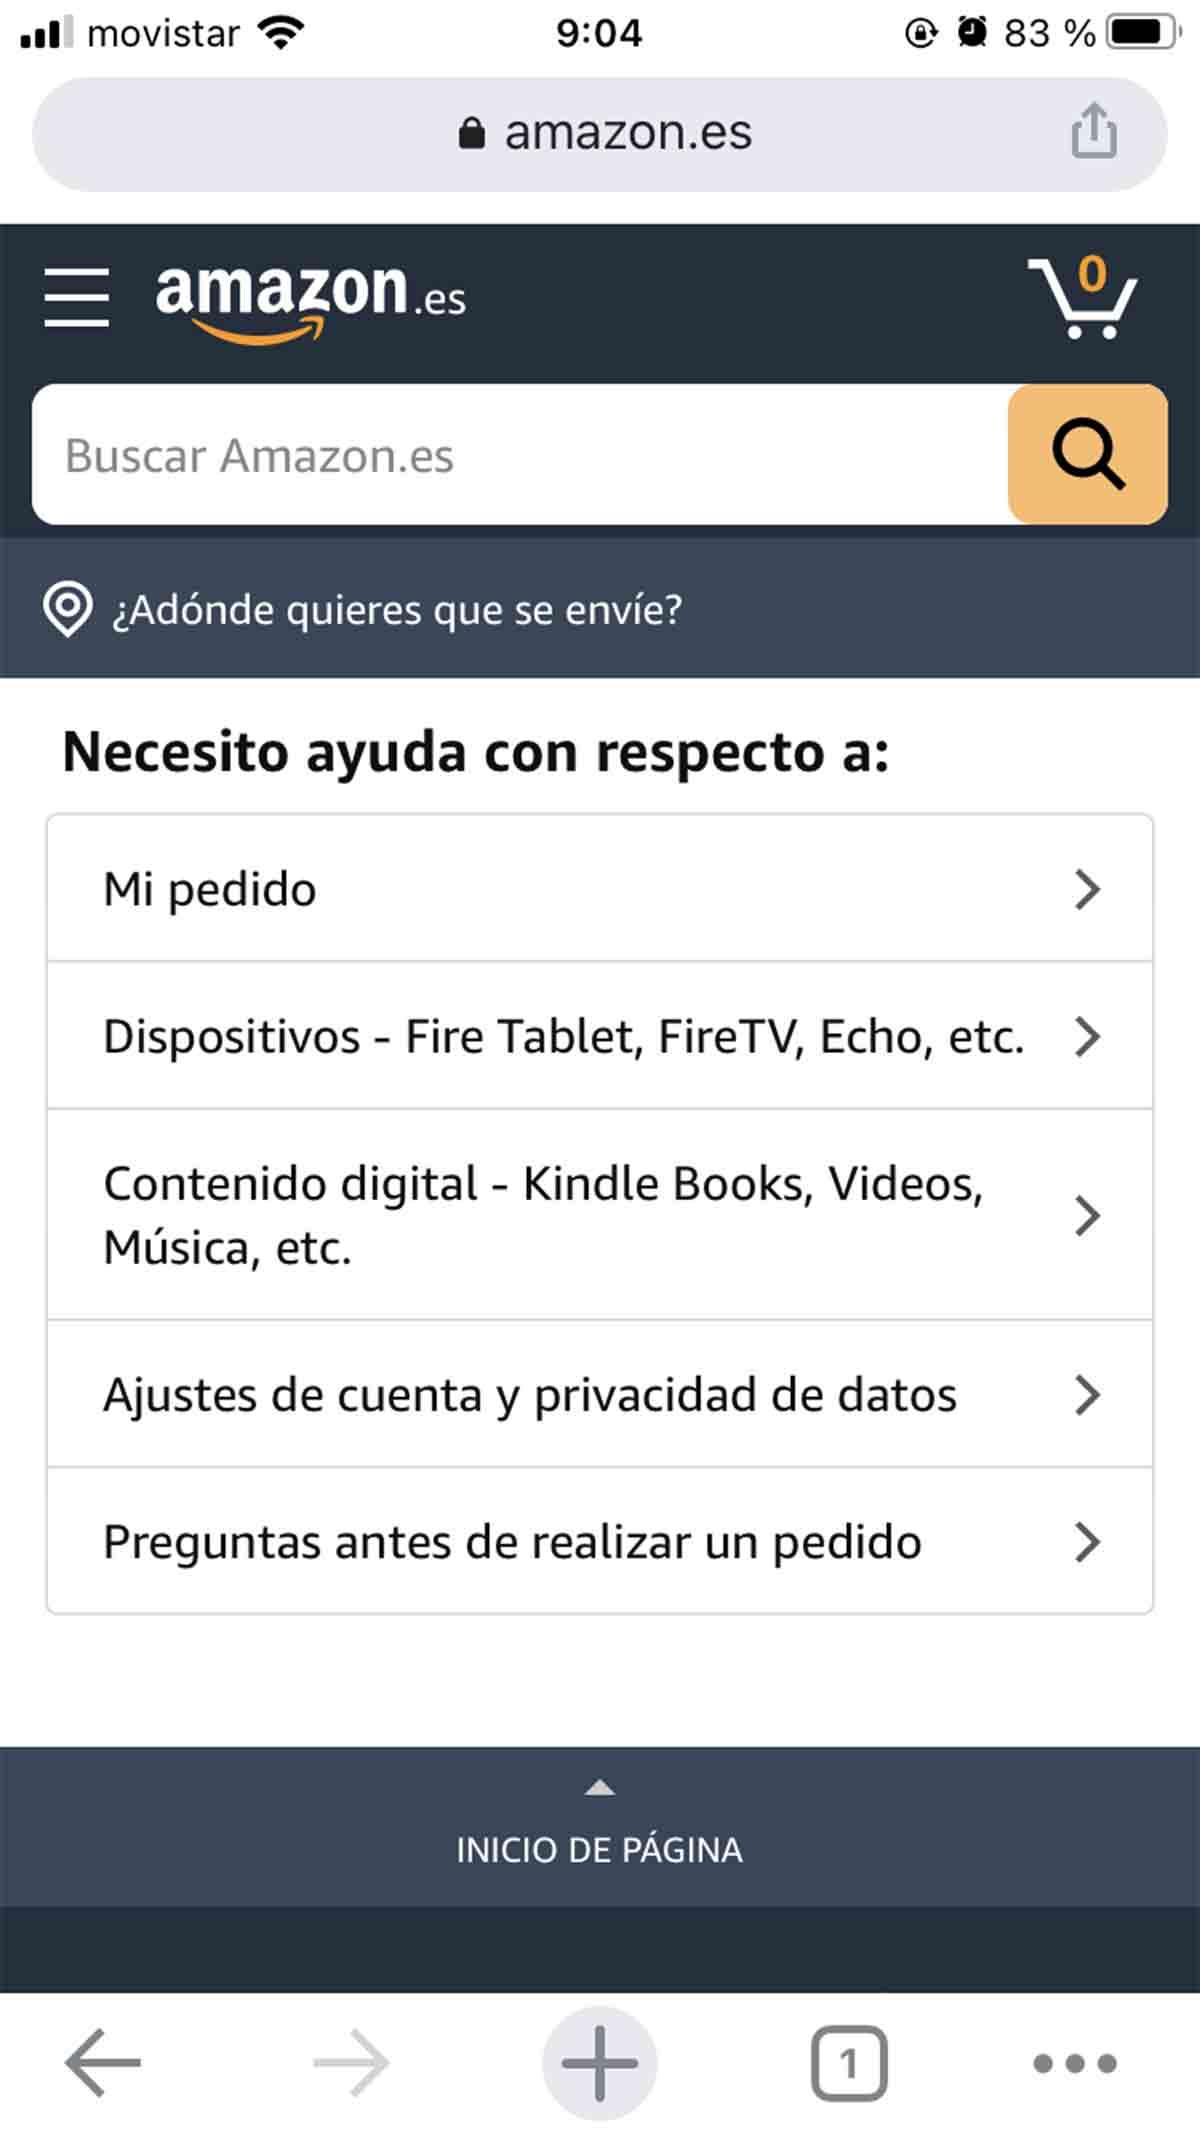 Detallar el motivo por el que quieres contactar con Amazon